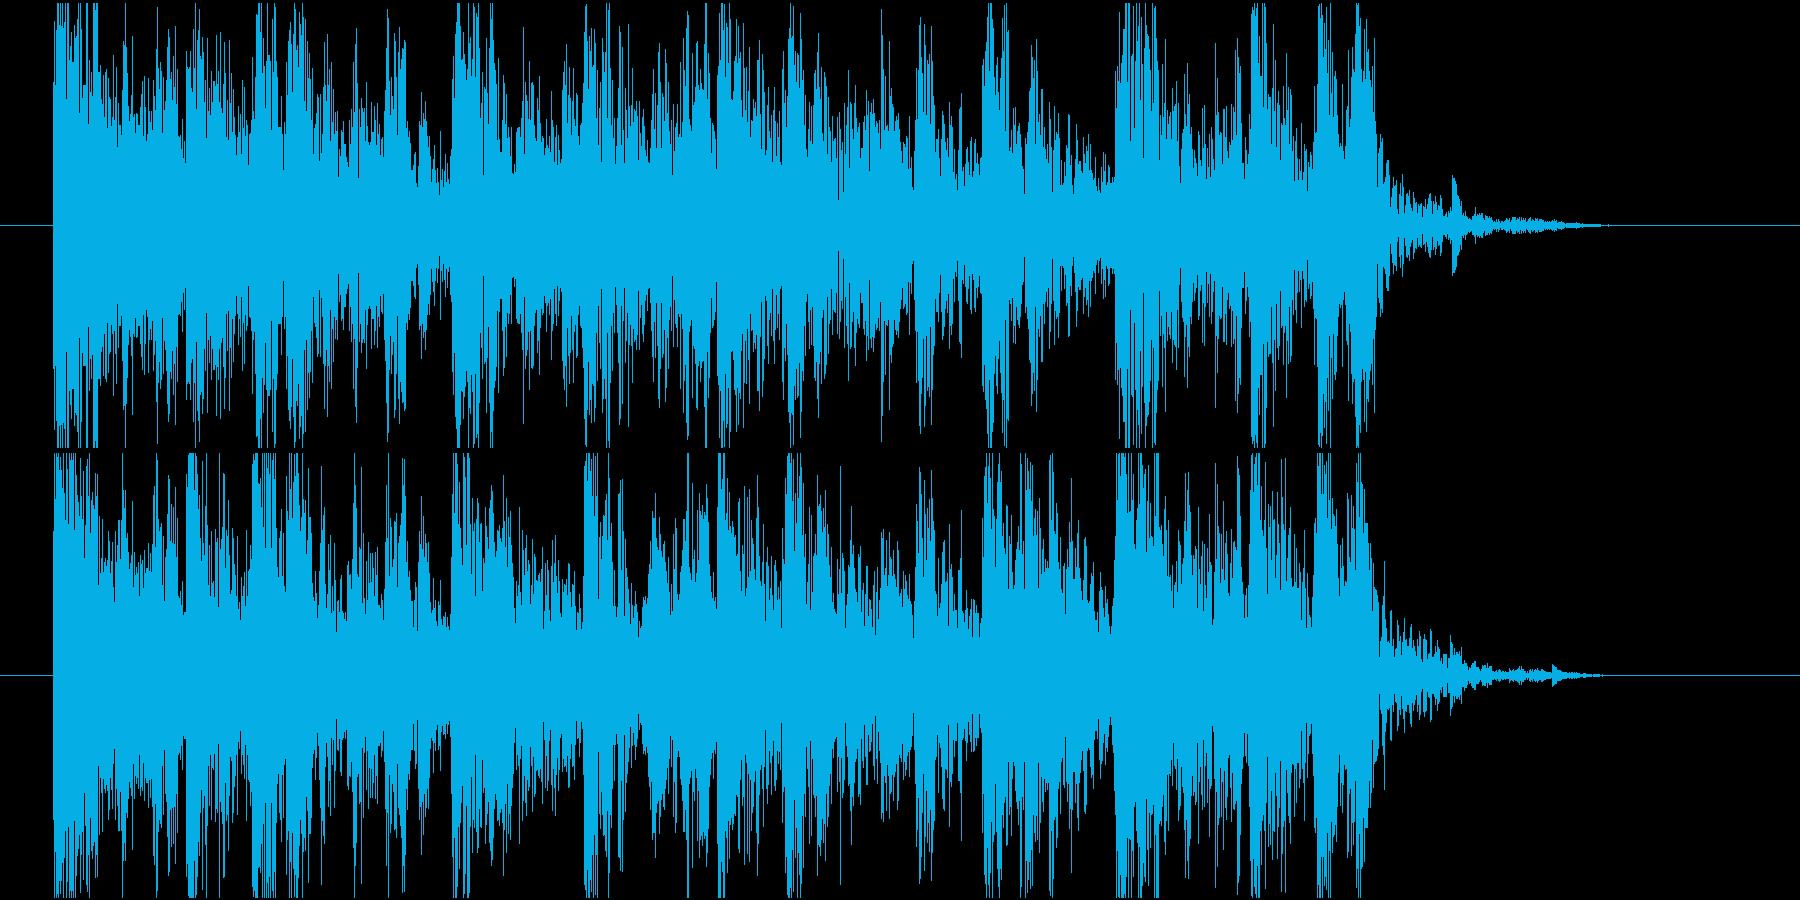 【ジングル】ギターとエレピの黒っぽい曲の再生済みの波形